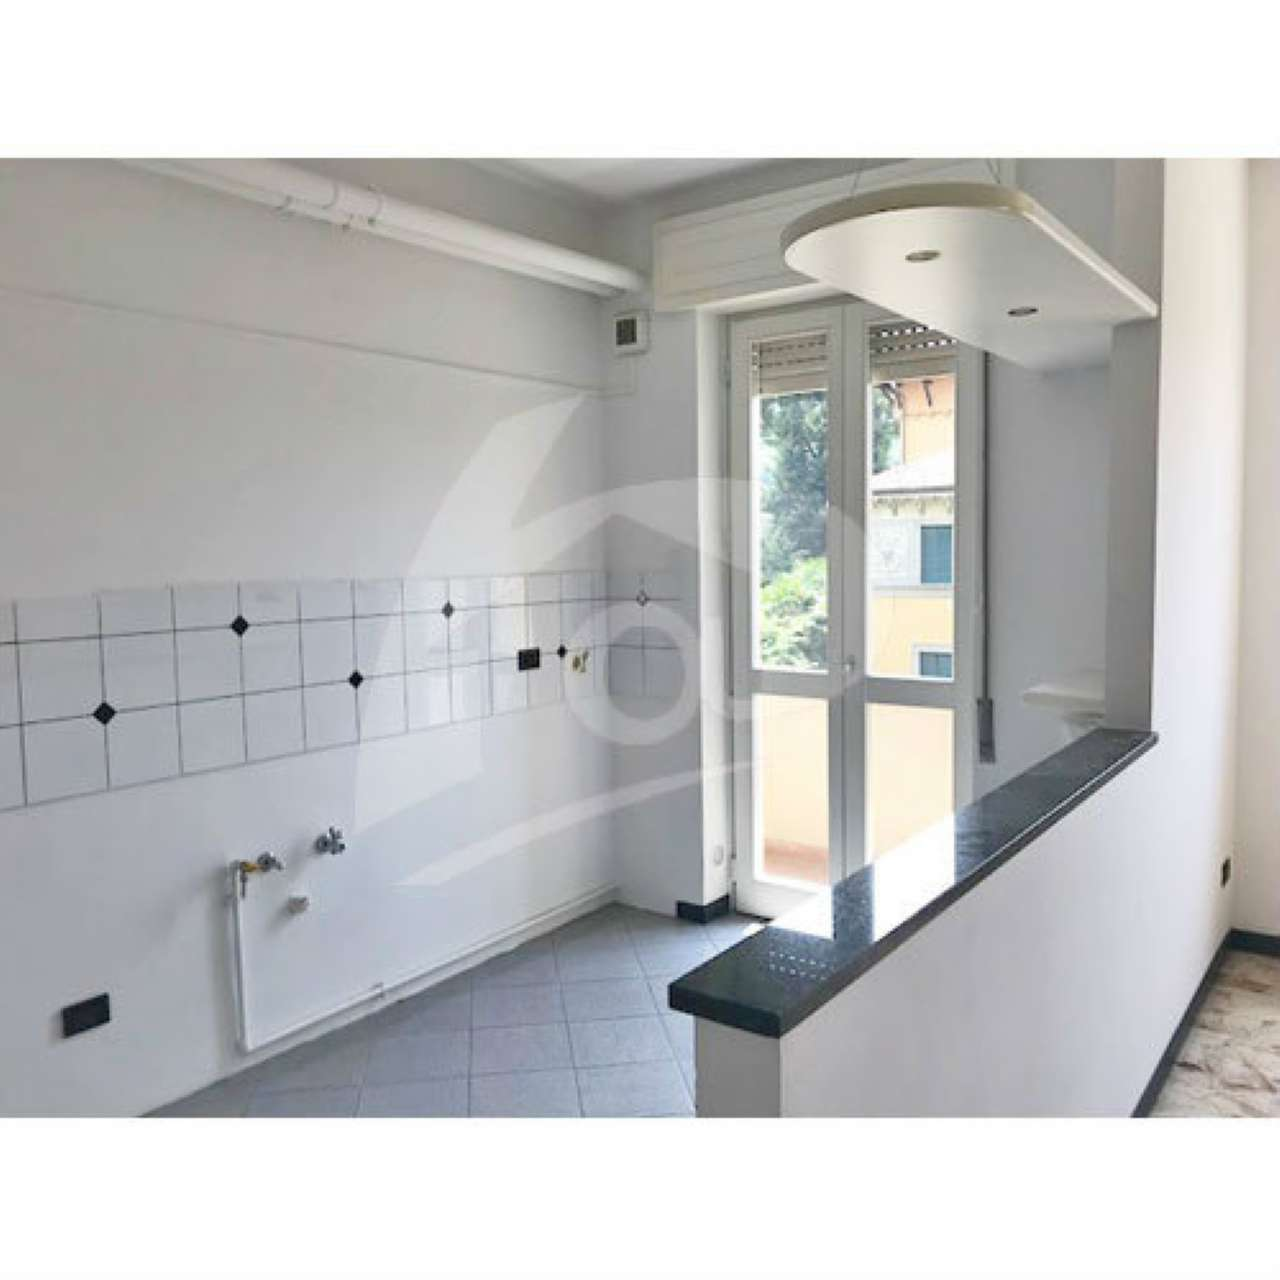 Appartamento in affitto a Cittiglio, 3 locali, prezzo € 450 | CambioCasa.it